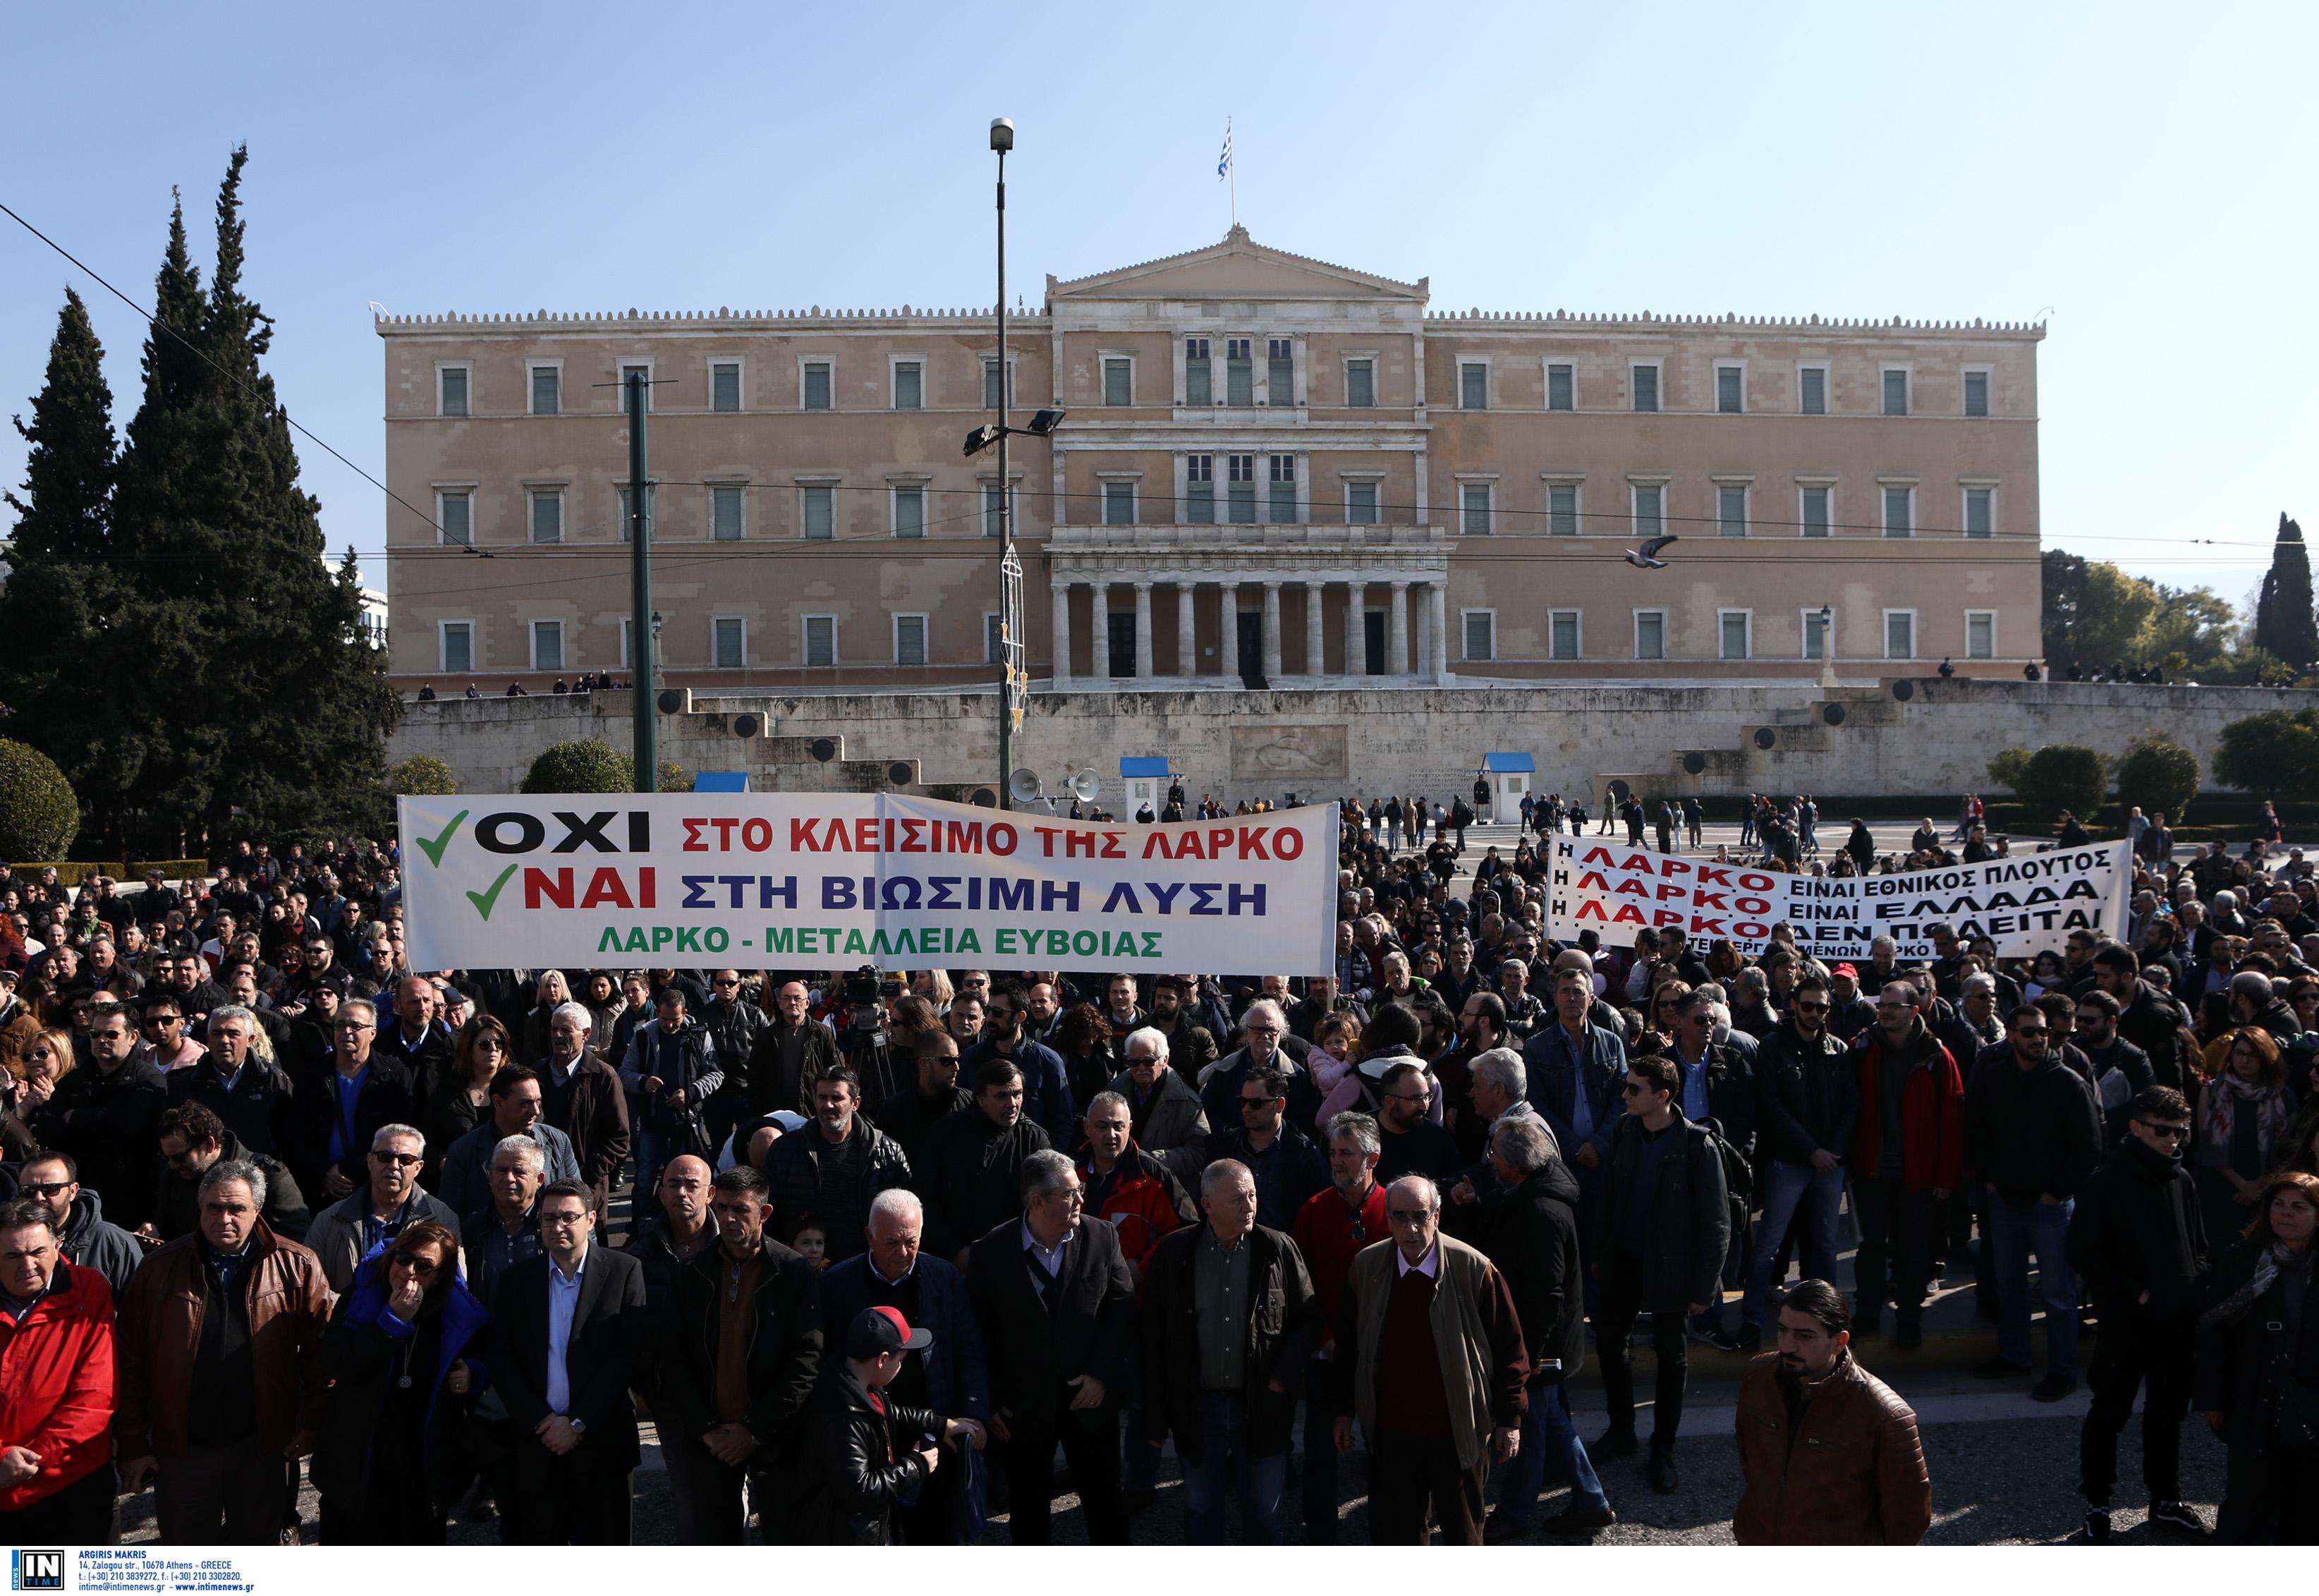 ΛΑΡΚΟ: Καπνογόνα, πανό και συνθήματα στο συλλαλητήριο των εργαζομένων στο Σύνταγμα [pics]